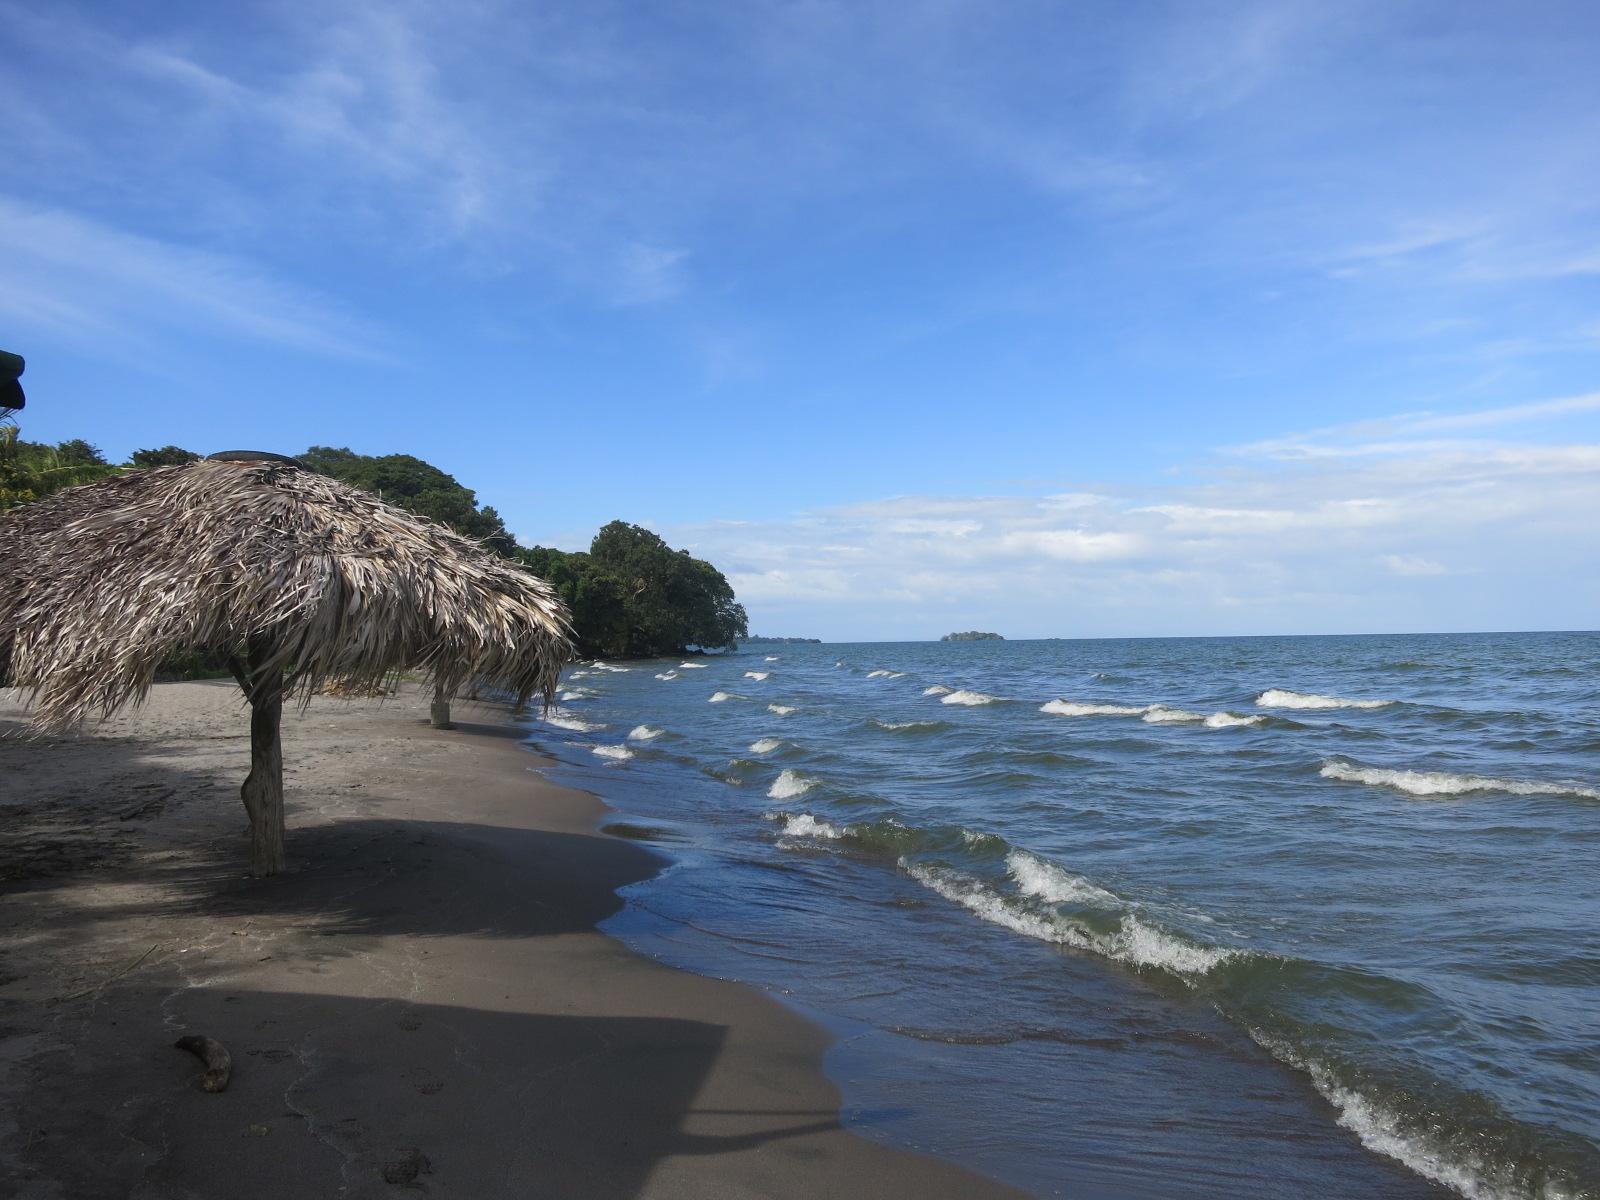 The Santo Domingo beach